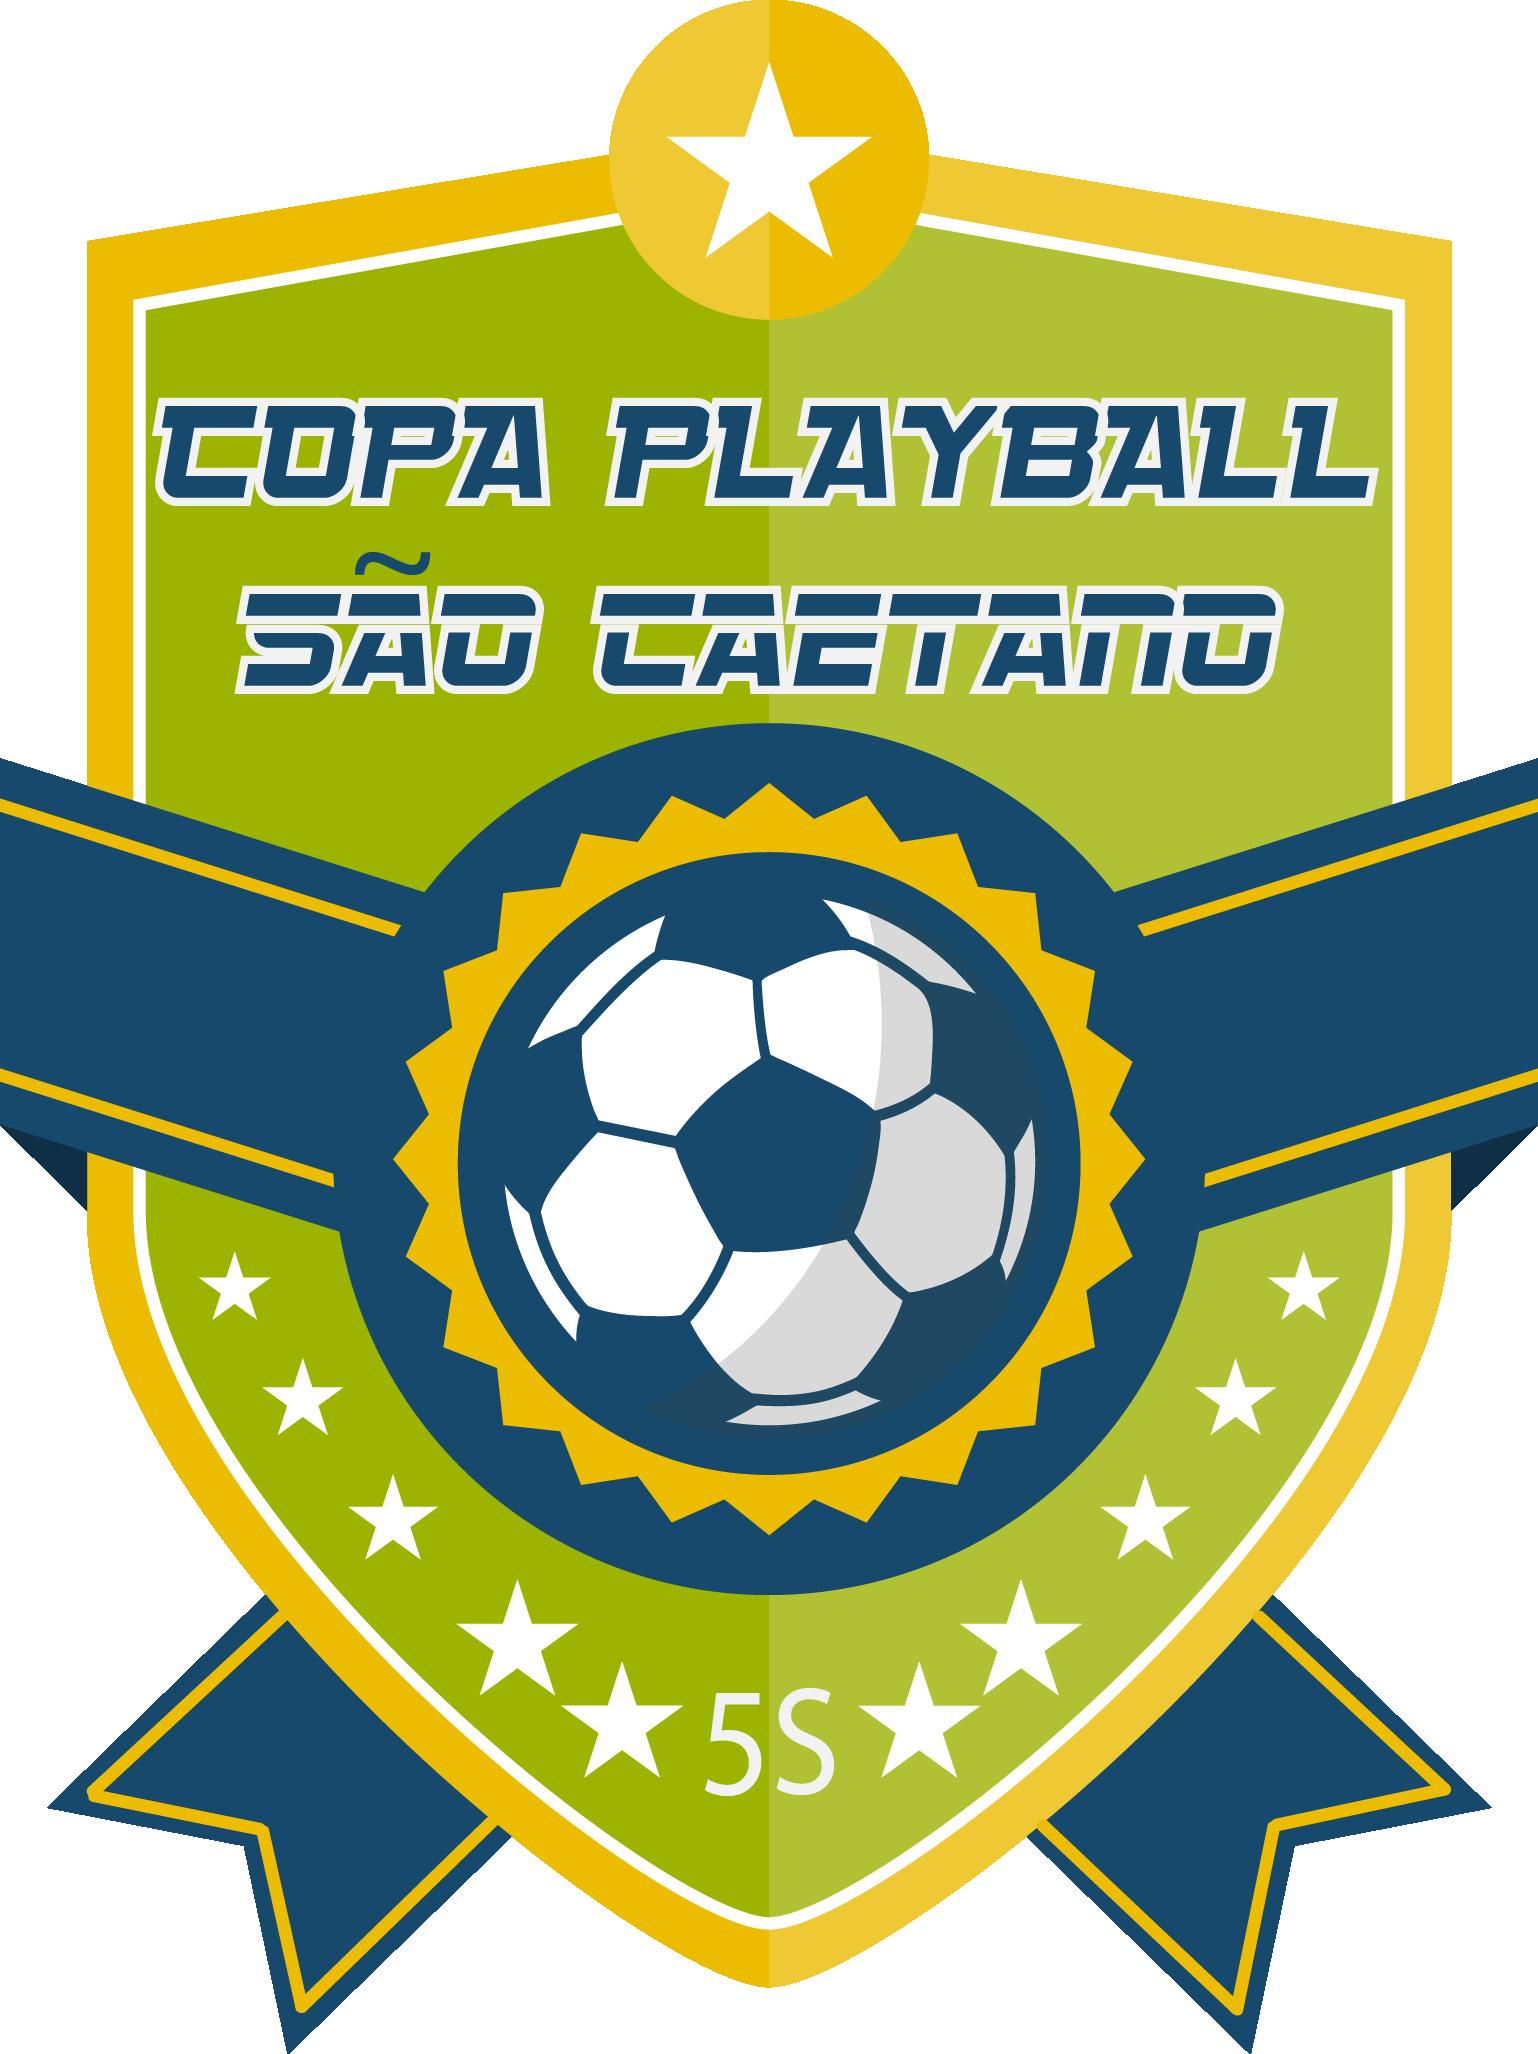 VIII Copa Playball São caetano Série A